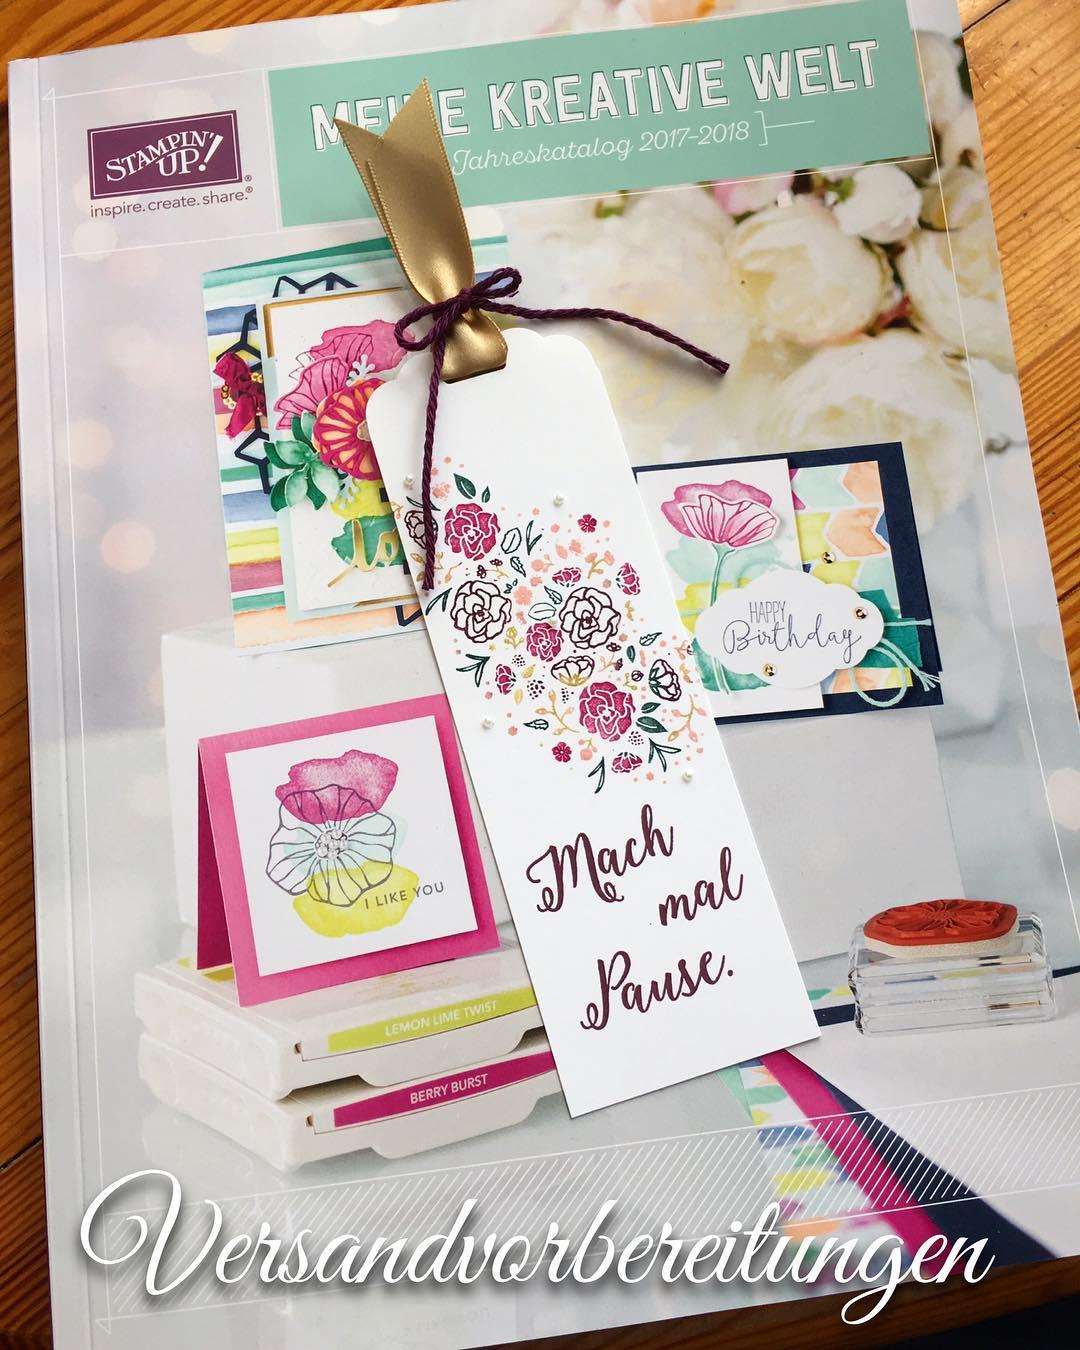 versandvorbereitungen katalogversand stampinup Bestellen bei heikeskartenwerkstatt linkinbio Weiterlesen rarr